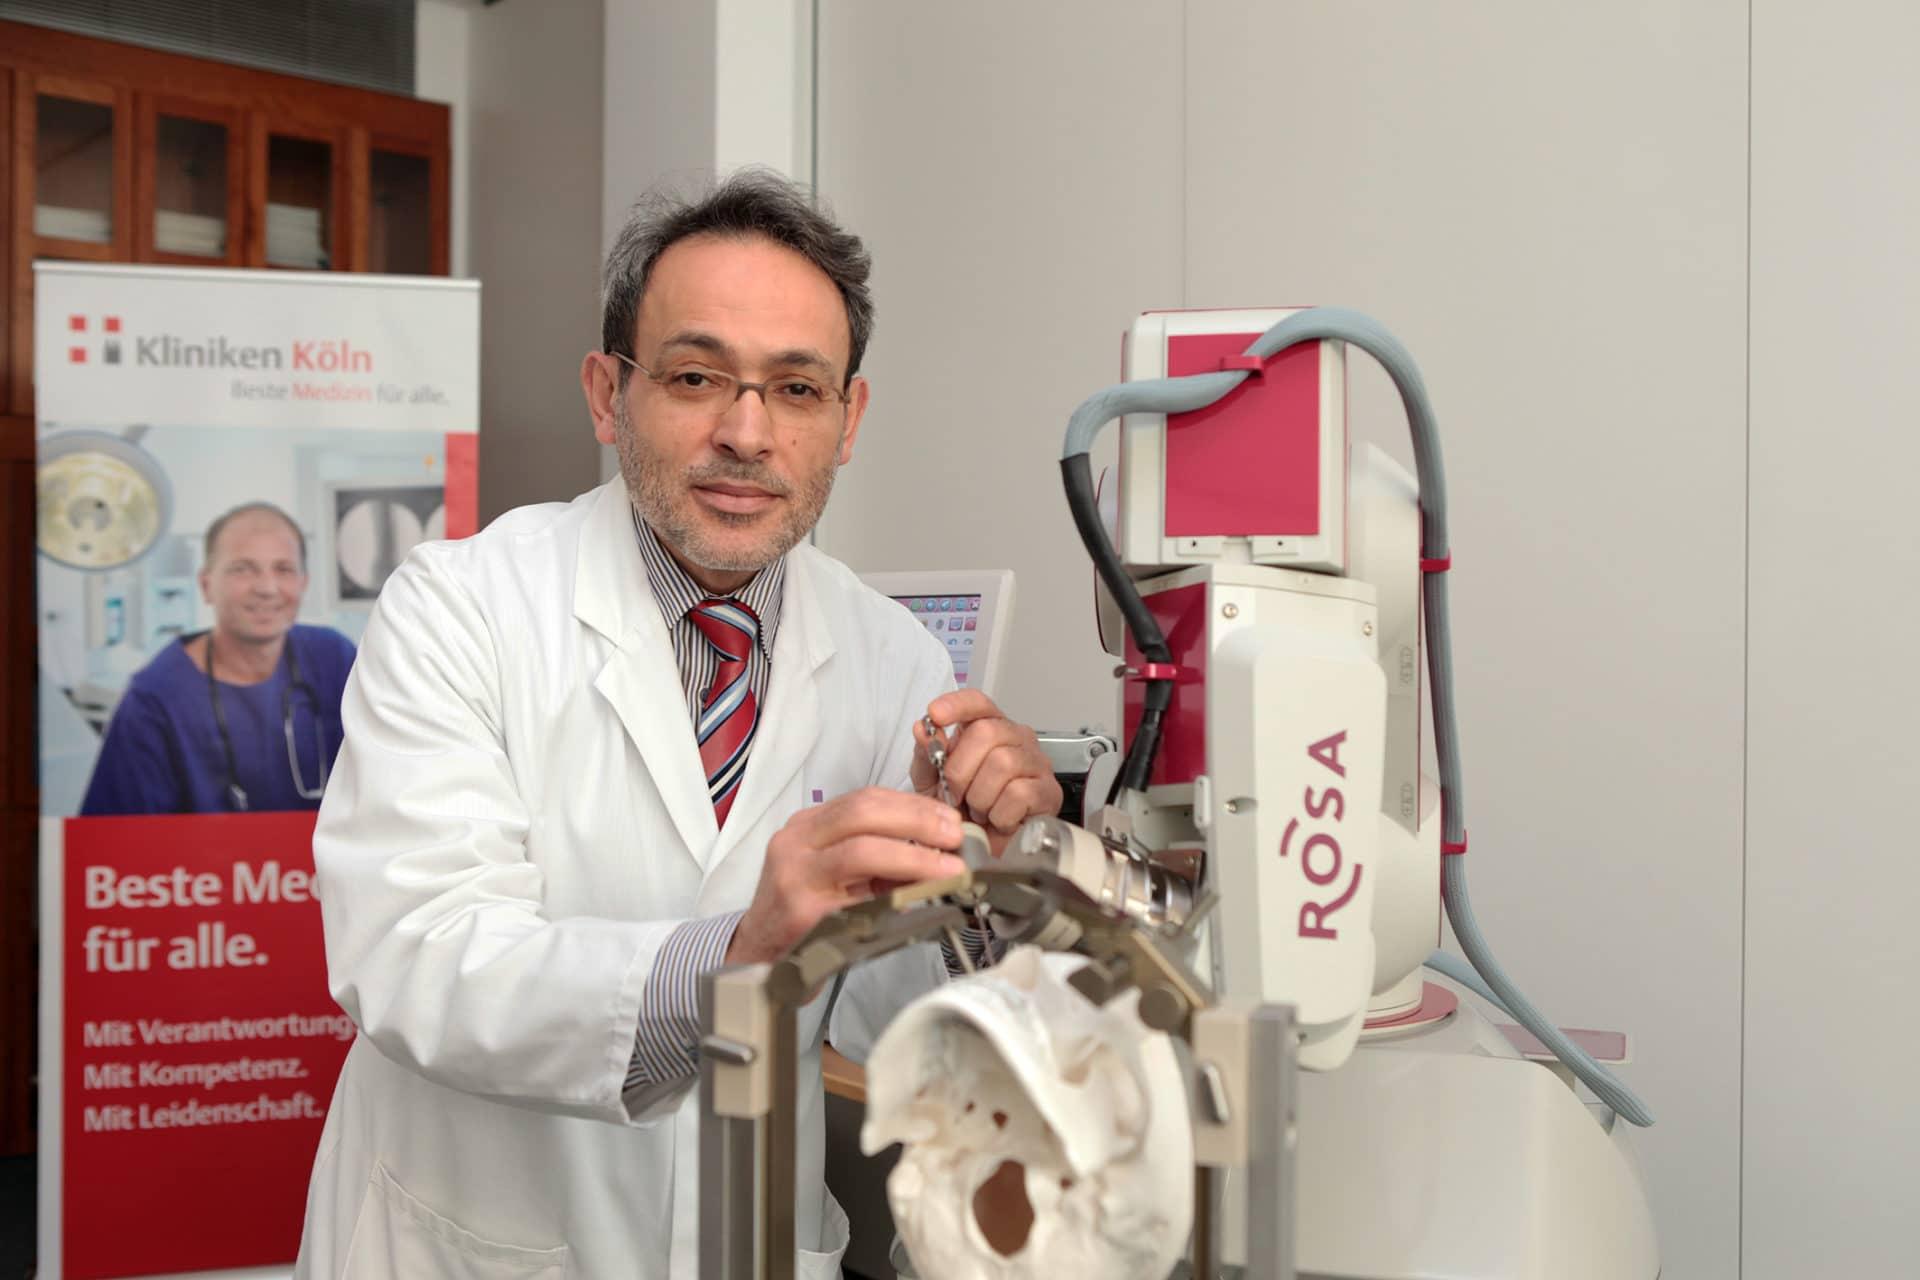 Dr. Maarouf erläutert die Funktion von ROSA, dem Assistenzroboter copyright: Kliniken Köln / Rütten